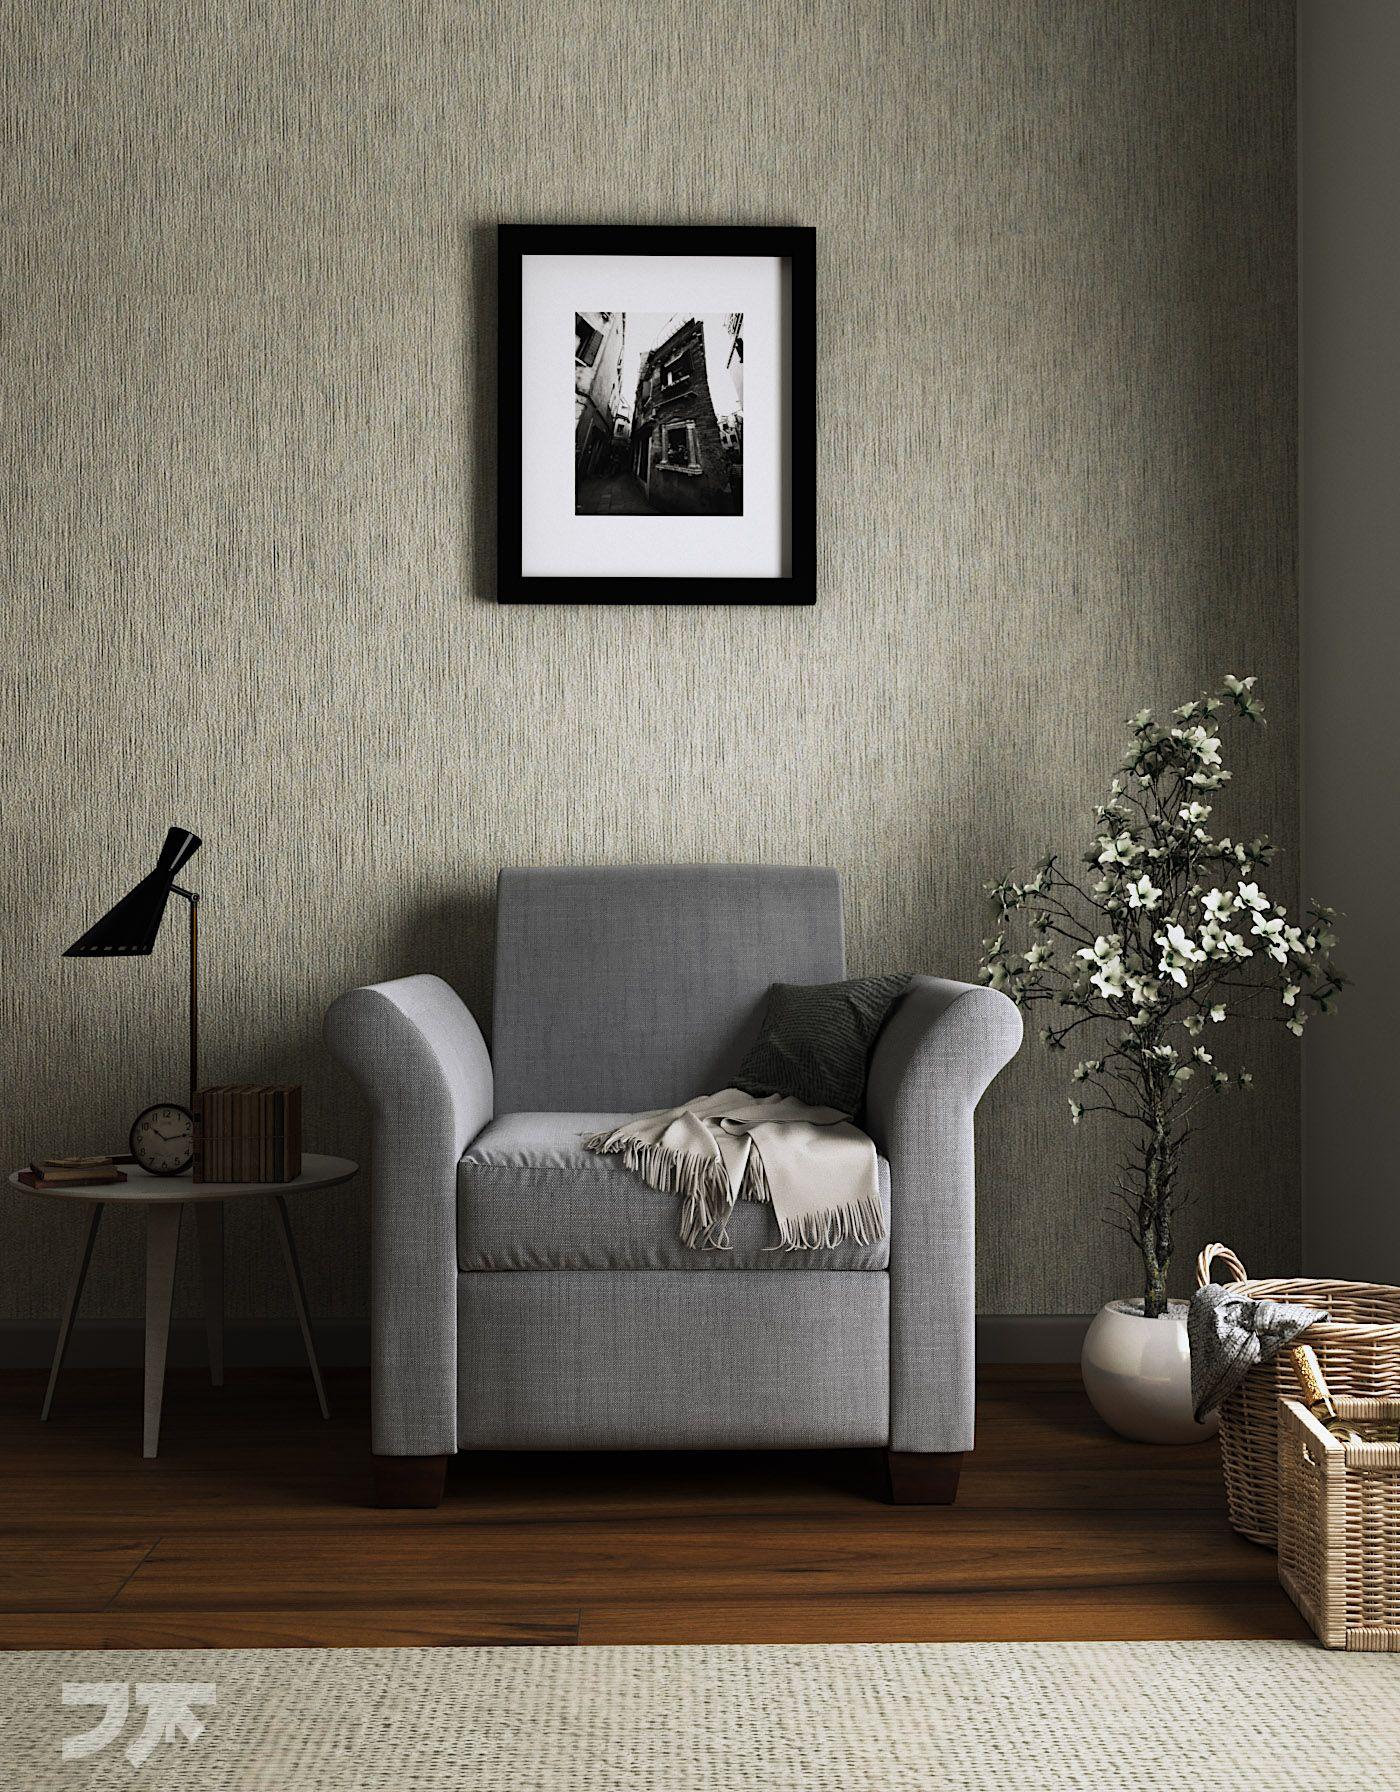 cozy winter afternoon also best cyberpunk interior design images in rh pinterest